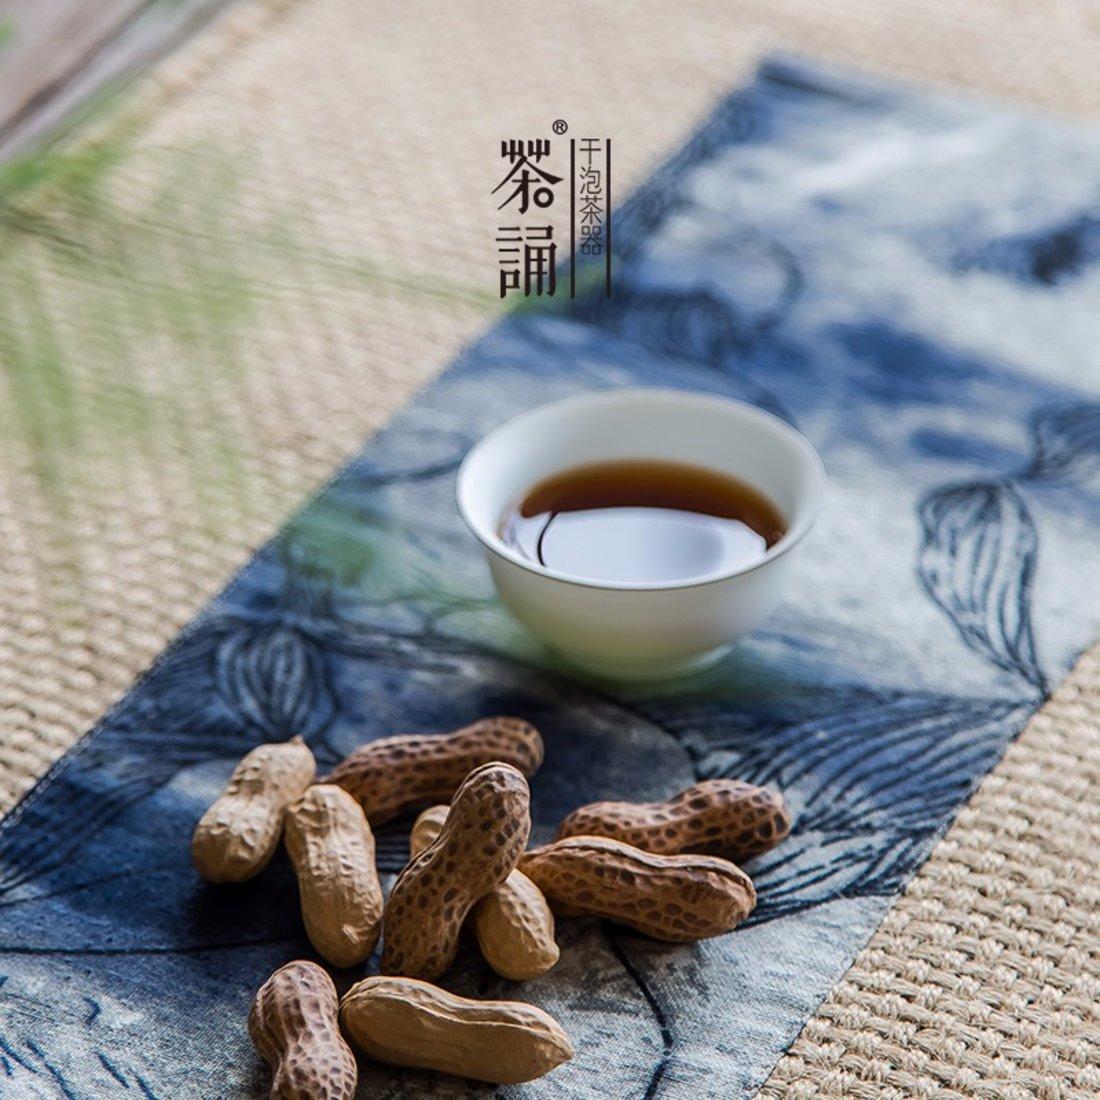 紫砂花生茶宠